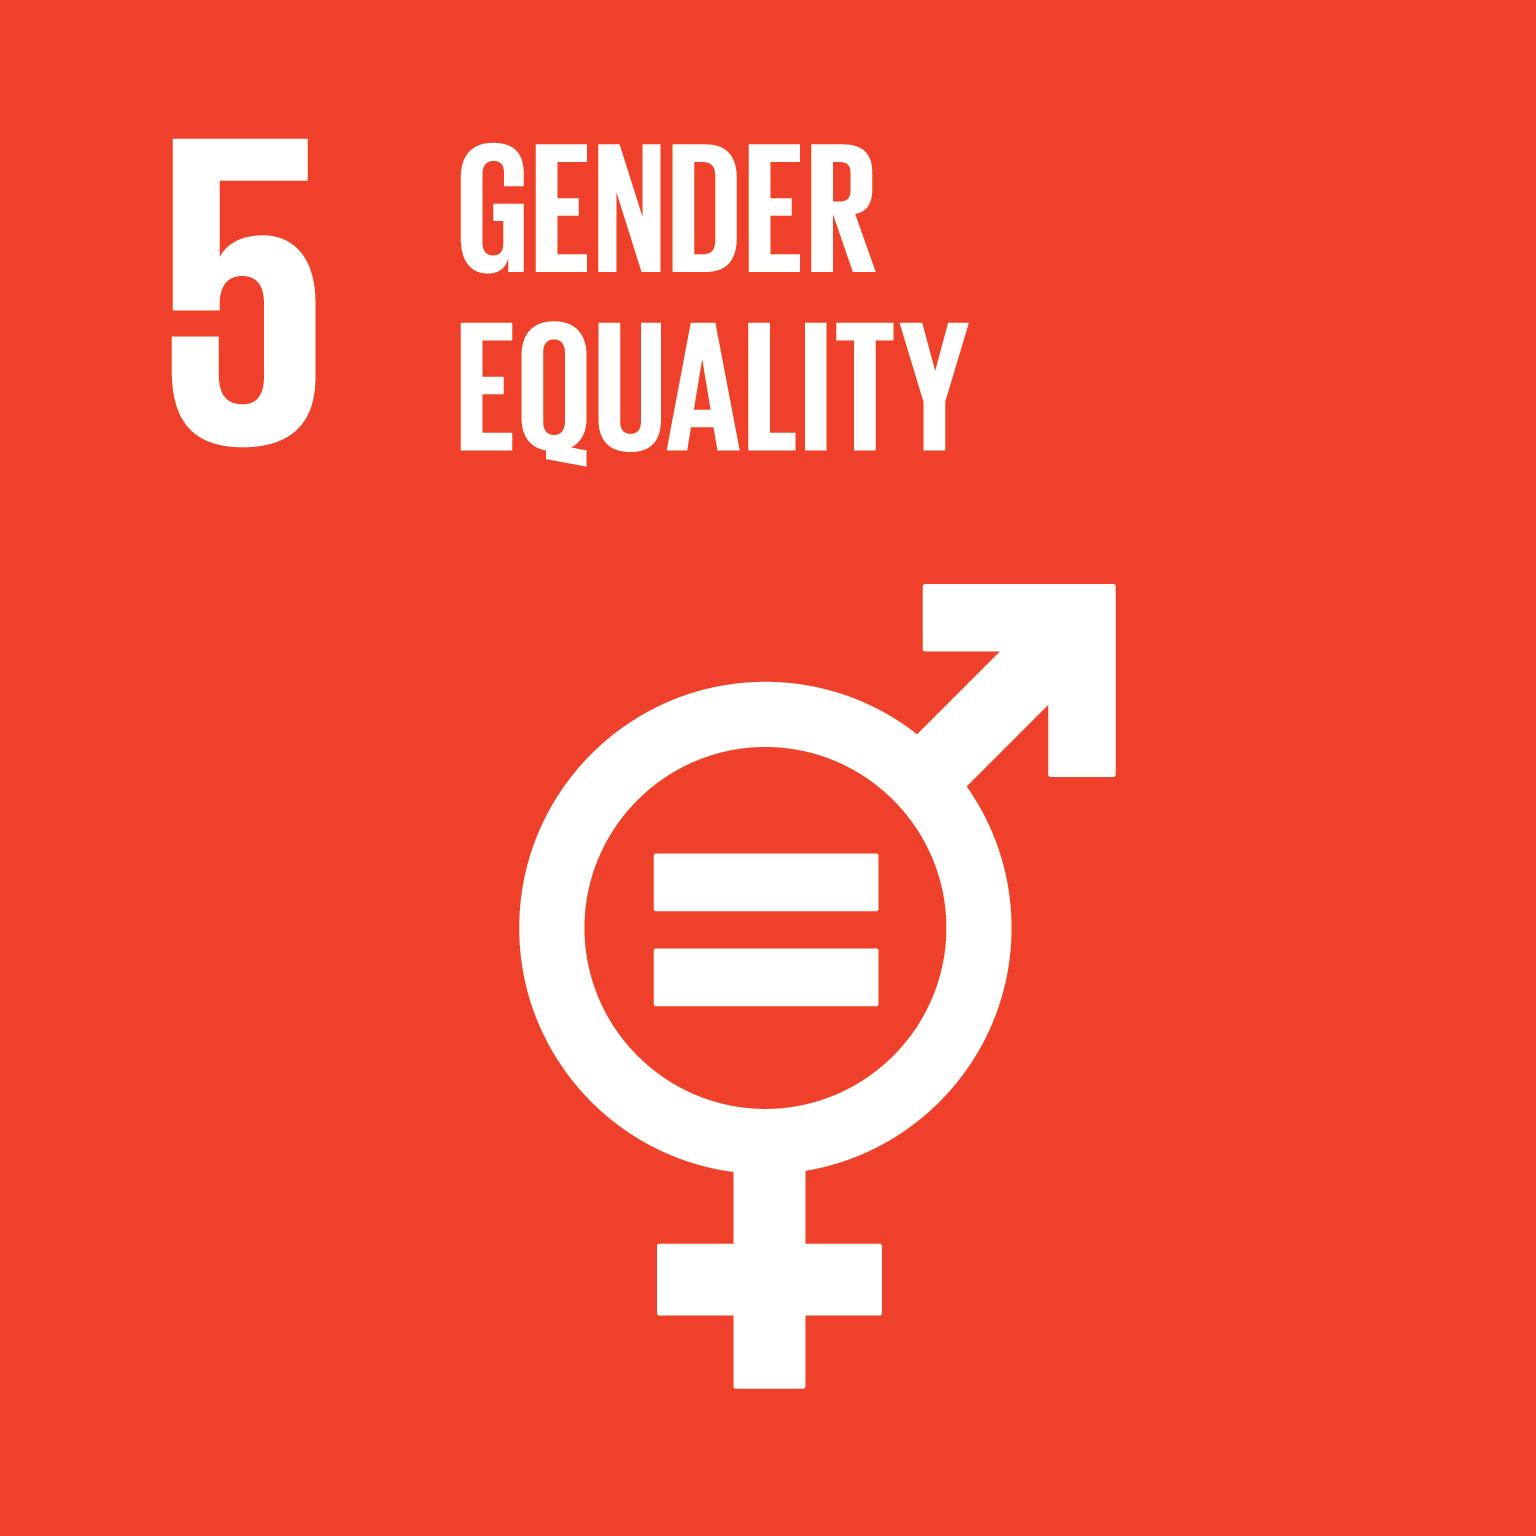 SDG 5 - Gender Equality